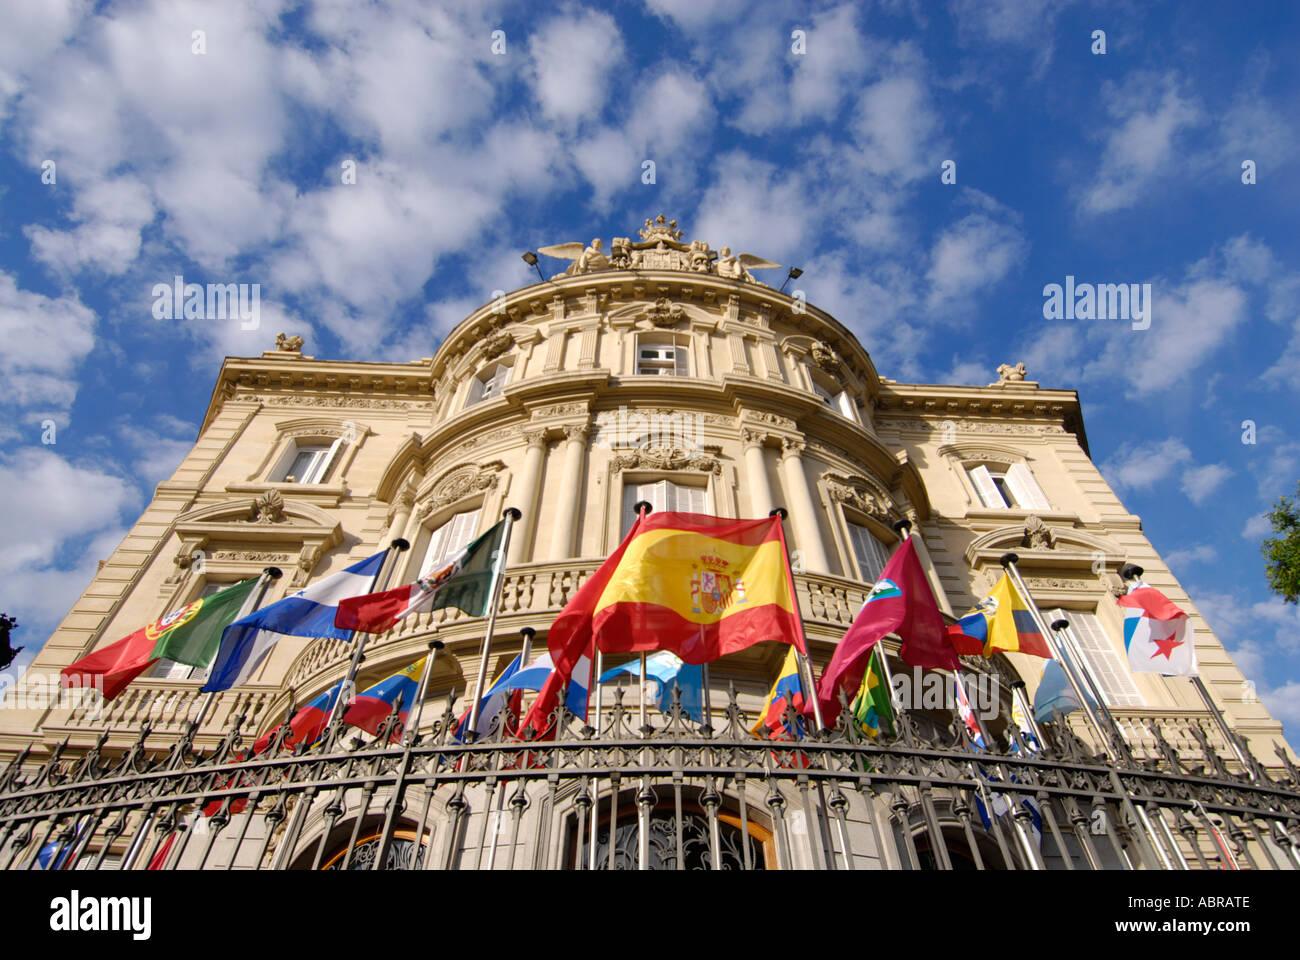 Casa De América Madrid Spain With Flags Of The Americas